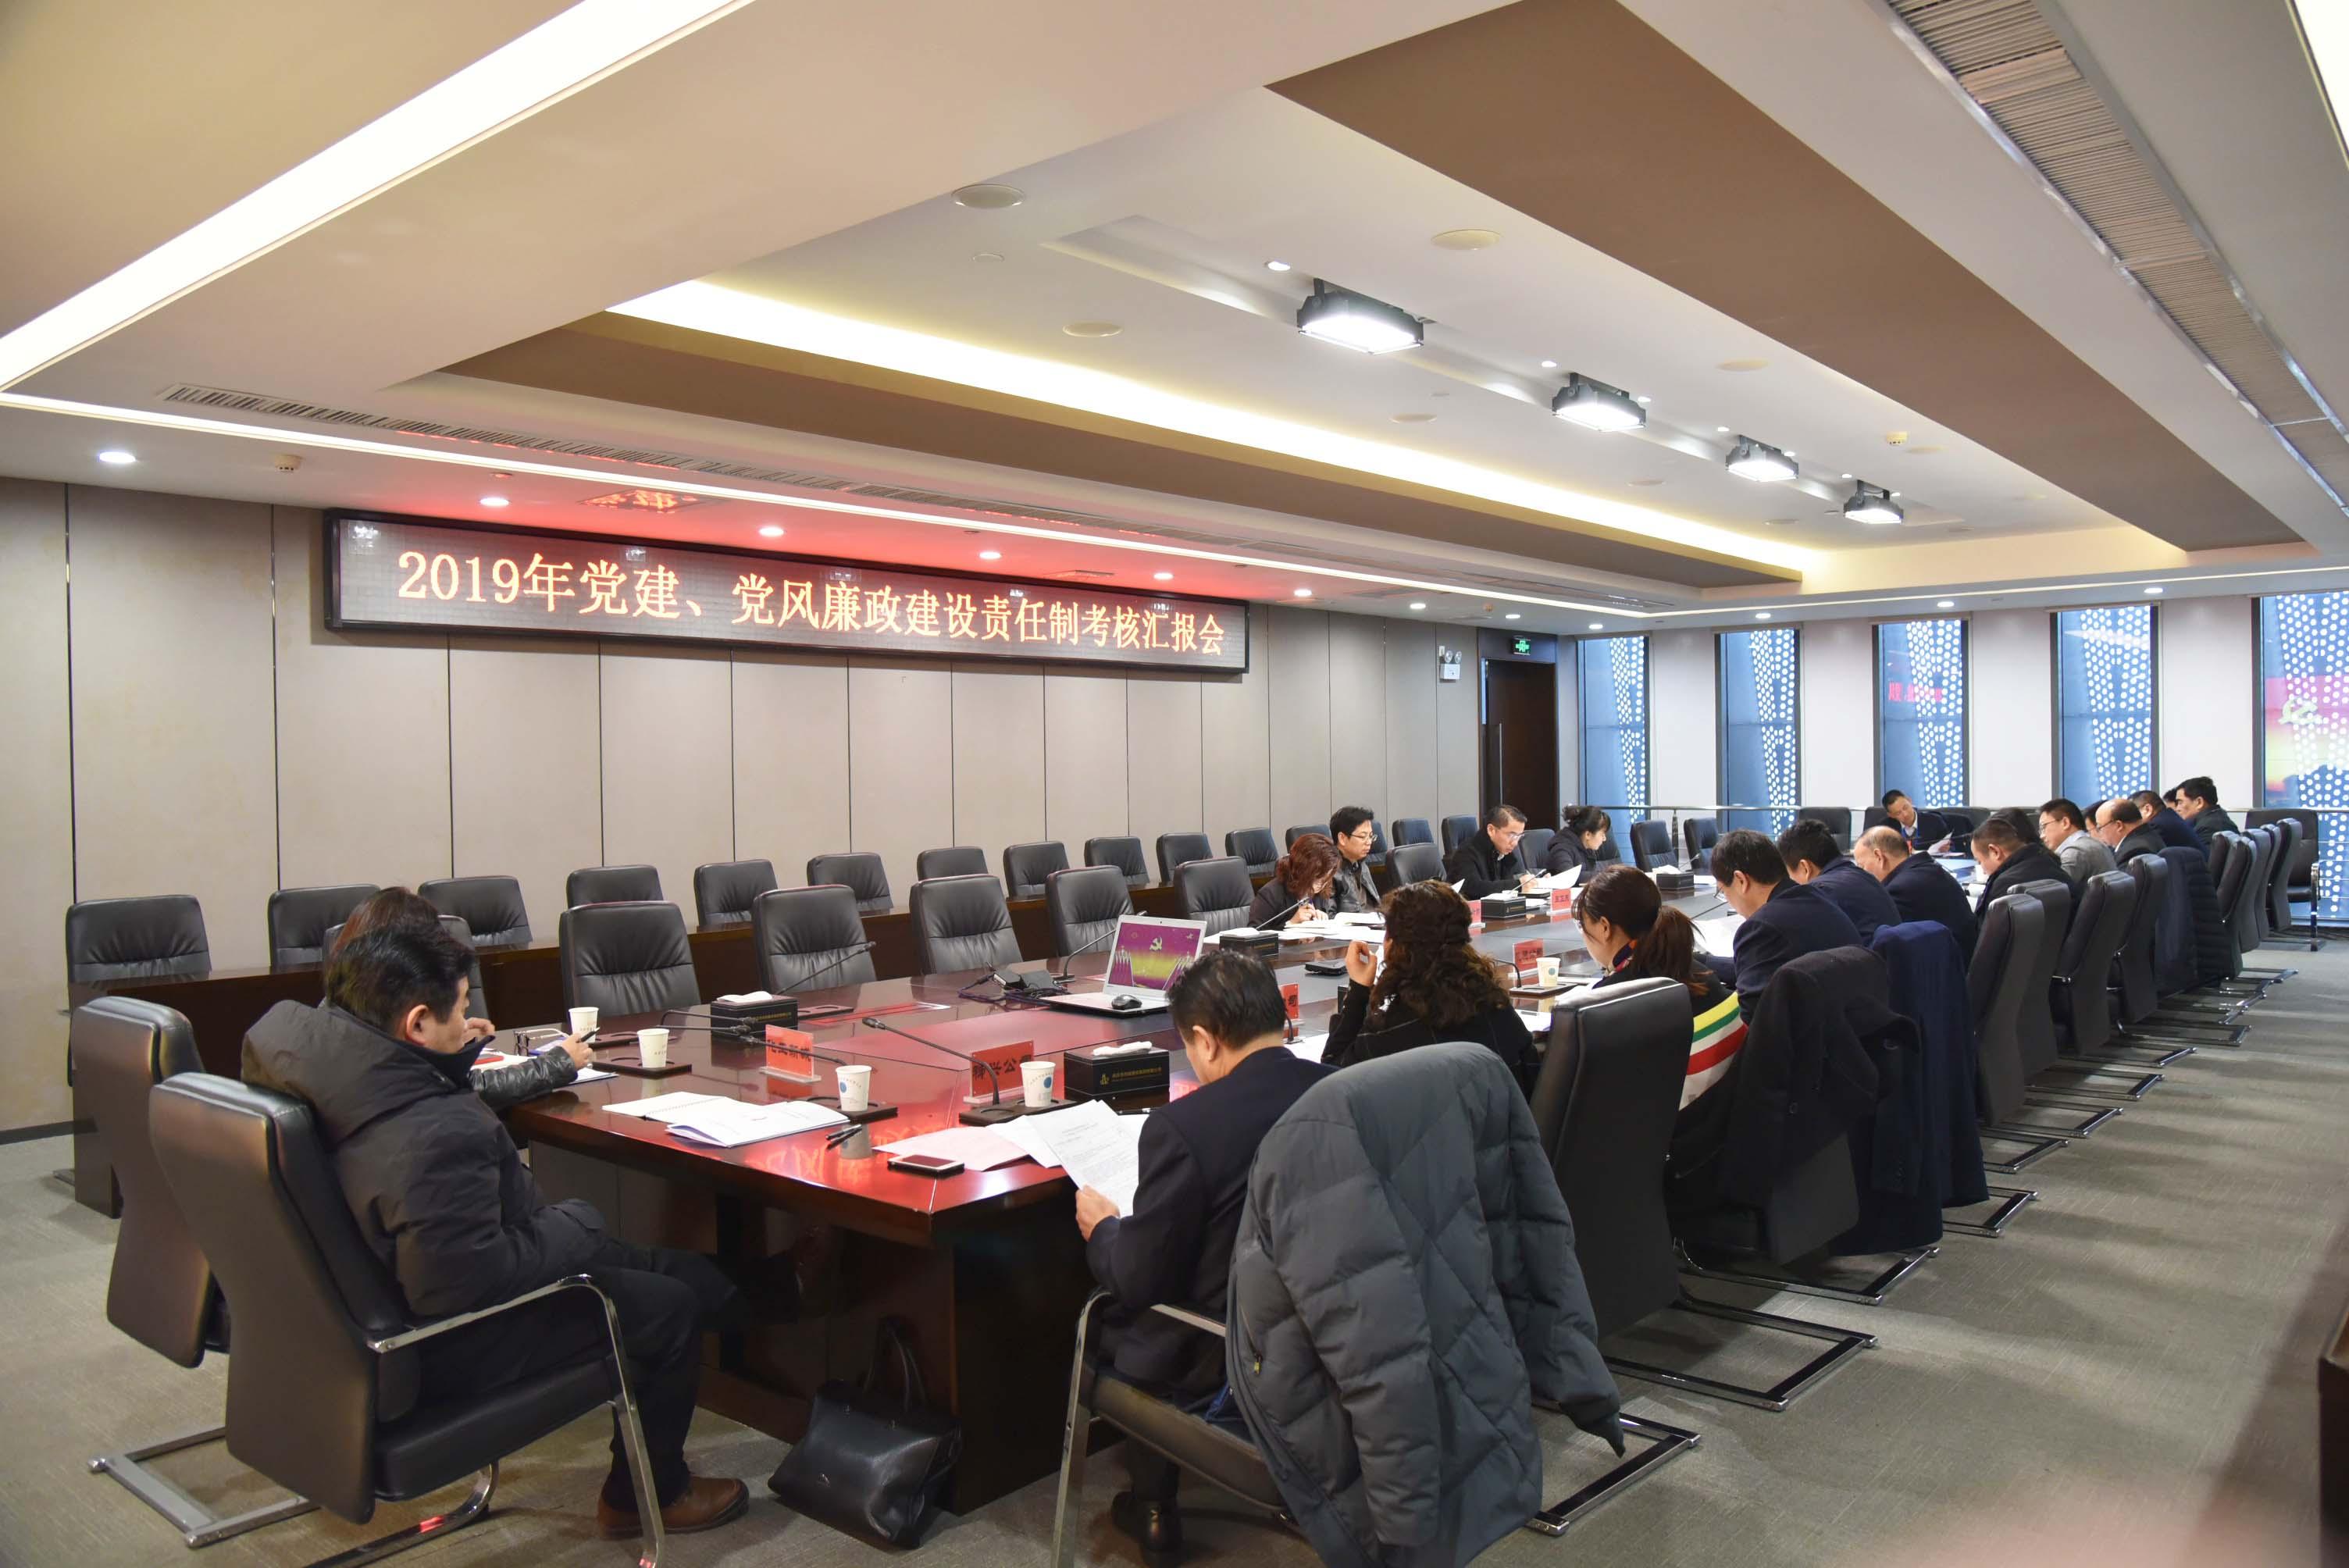 会议图片2 小.jpg